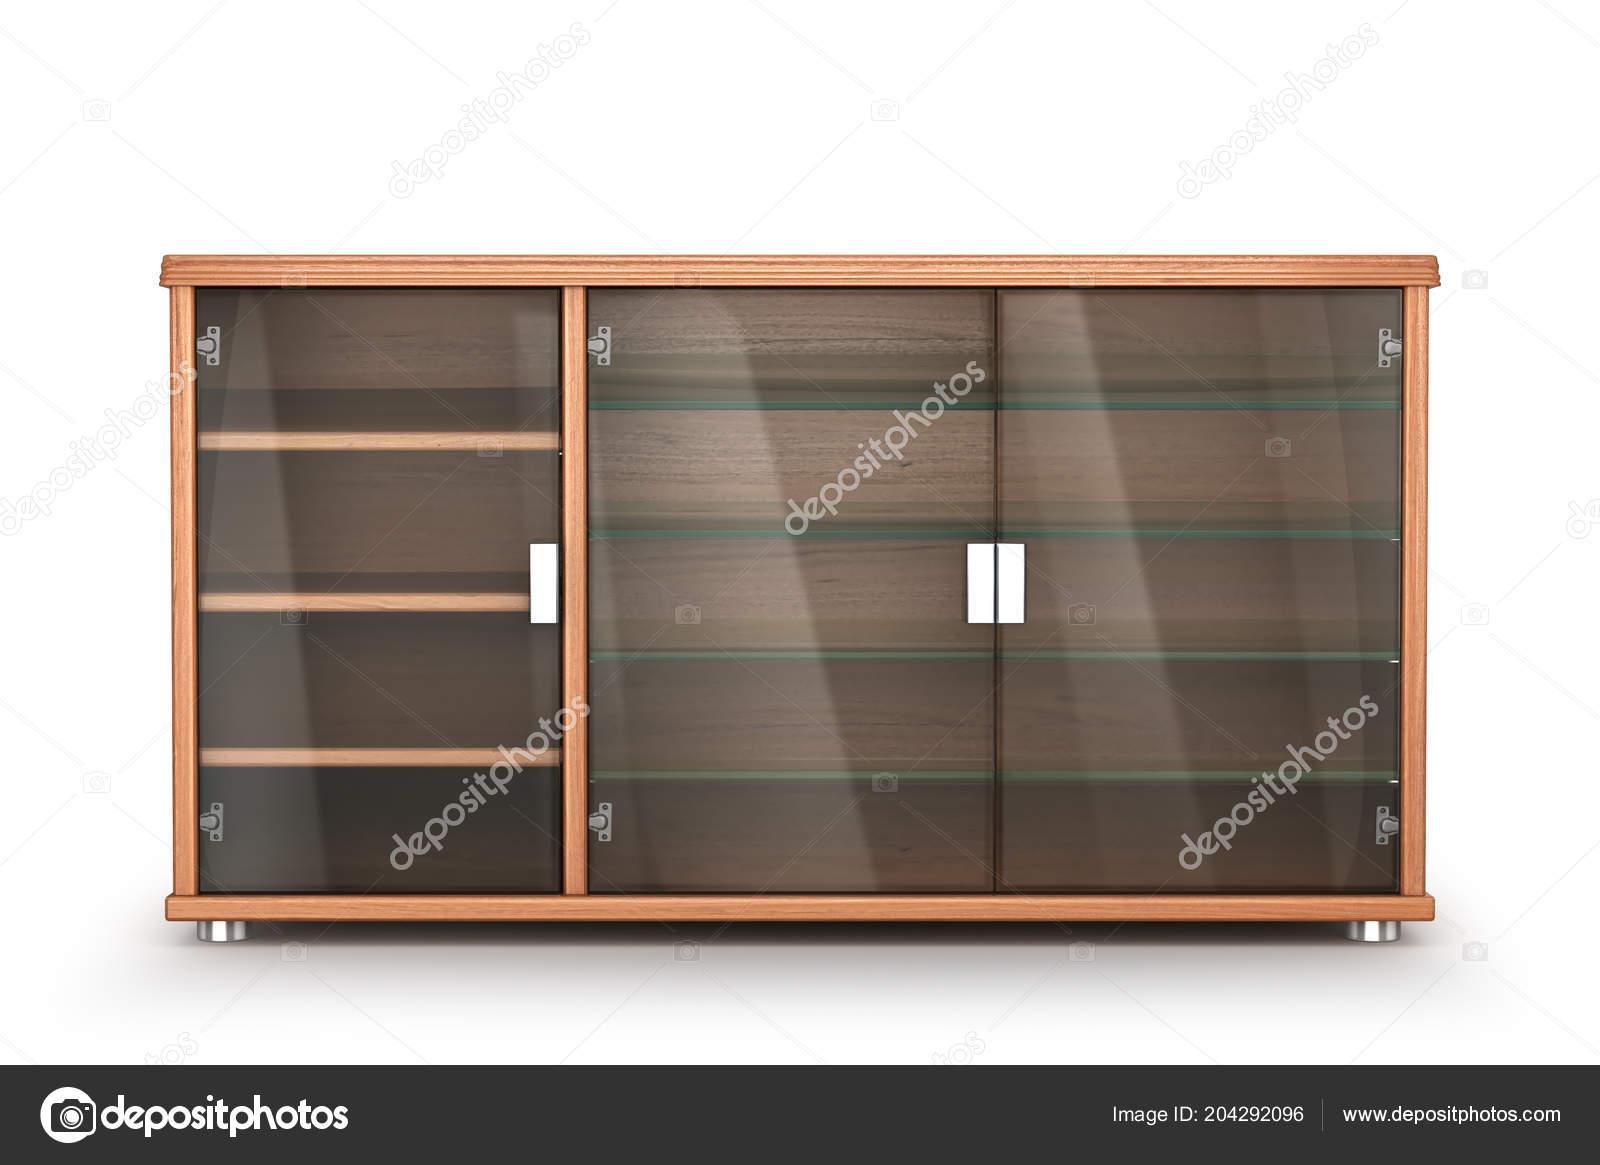 Ripiani In Legno Per Armadi : Mobili legno comodino armadio con ripiani vetro isolato sfondo